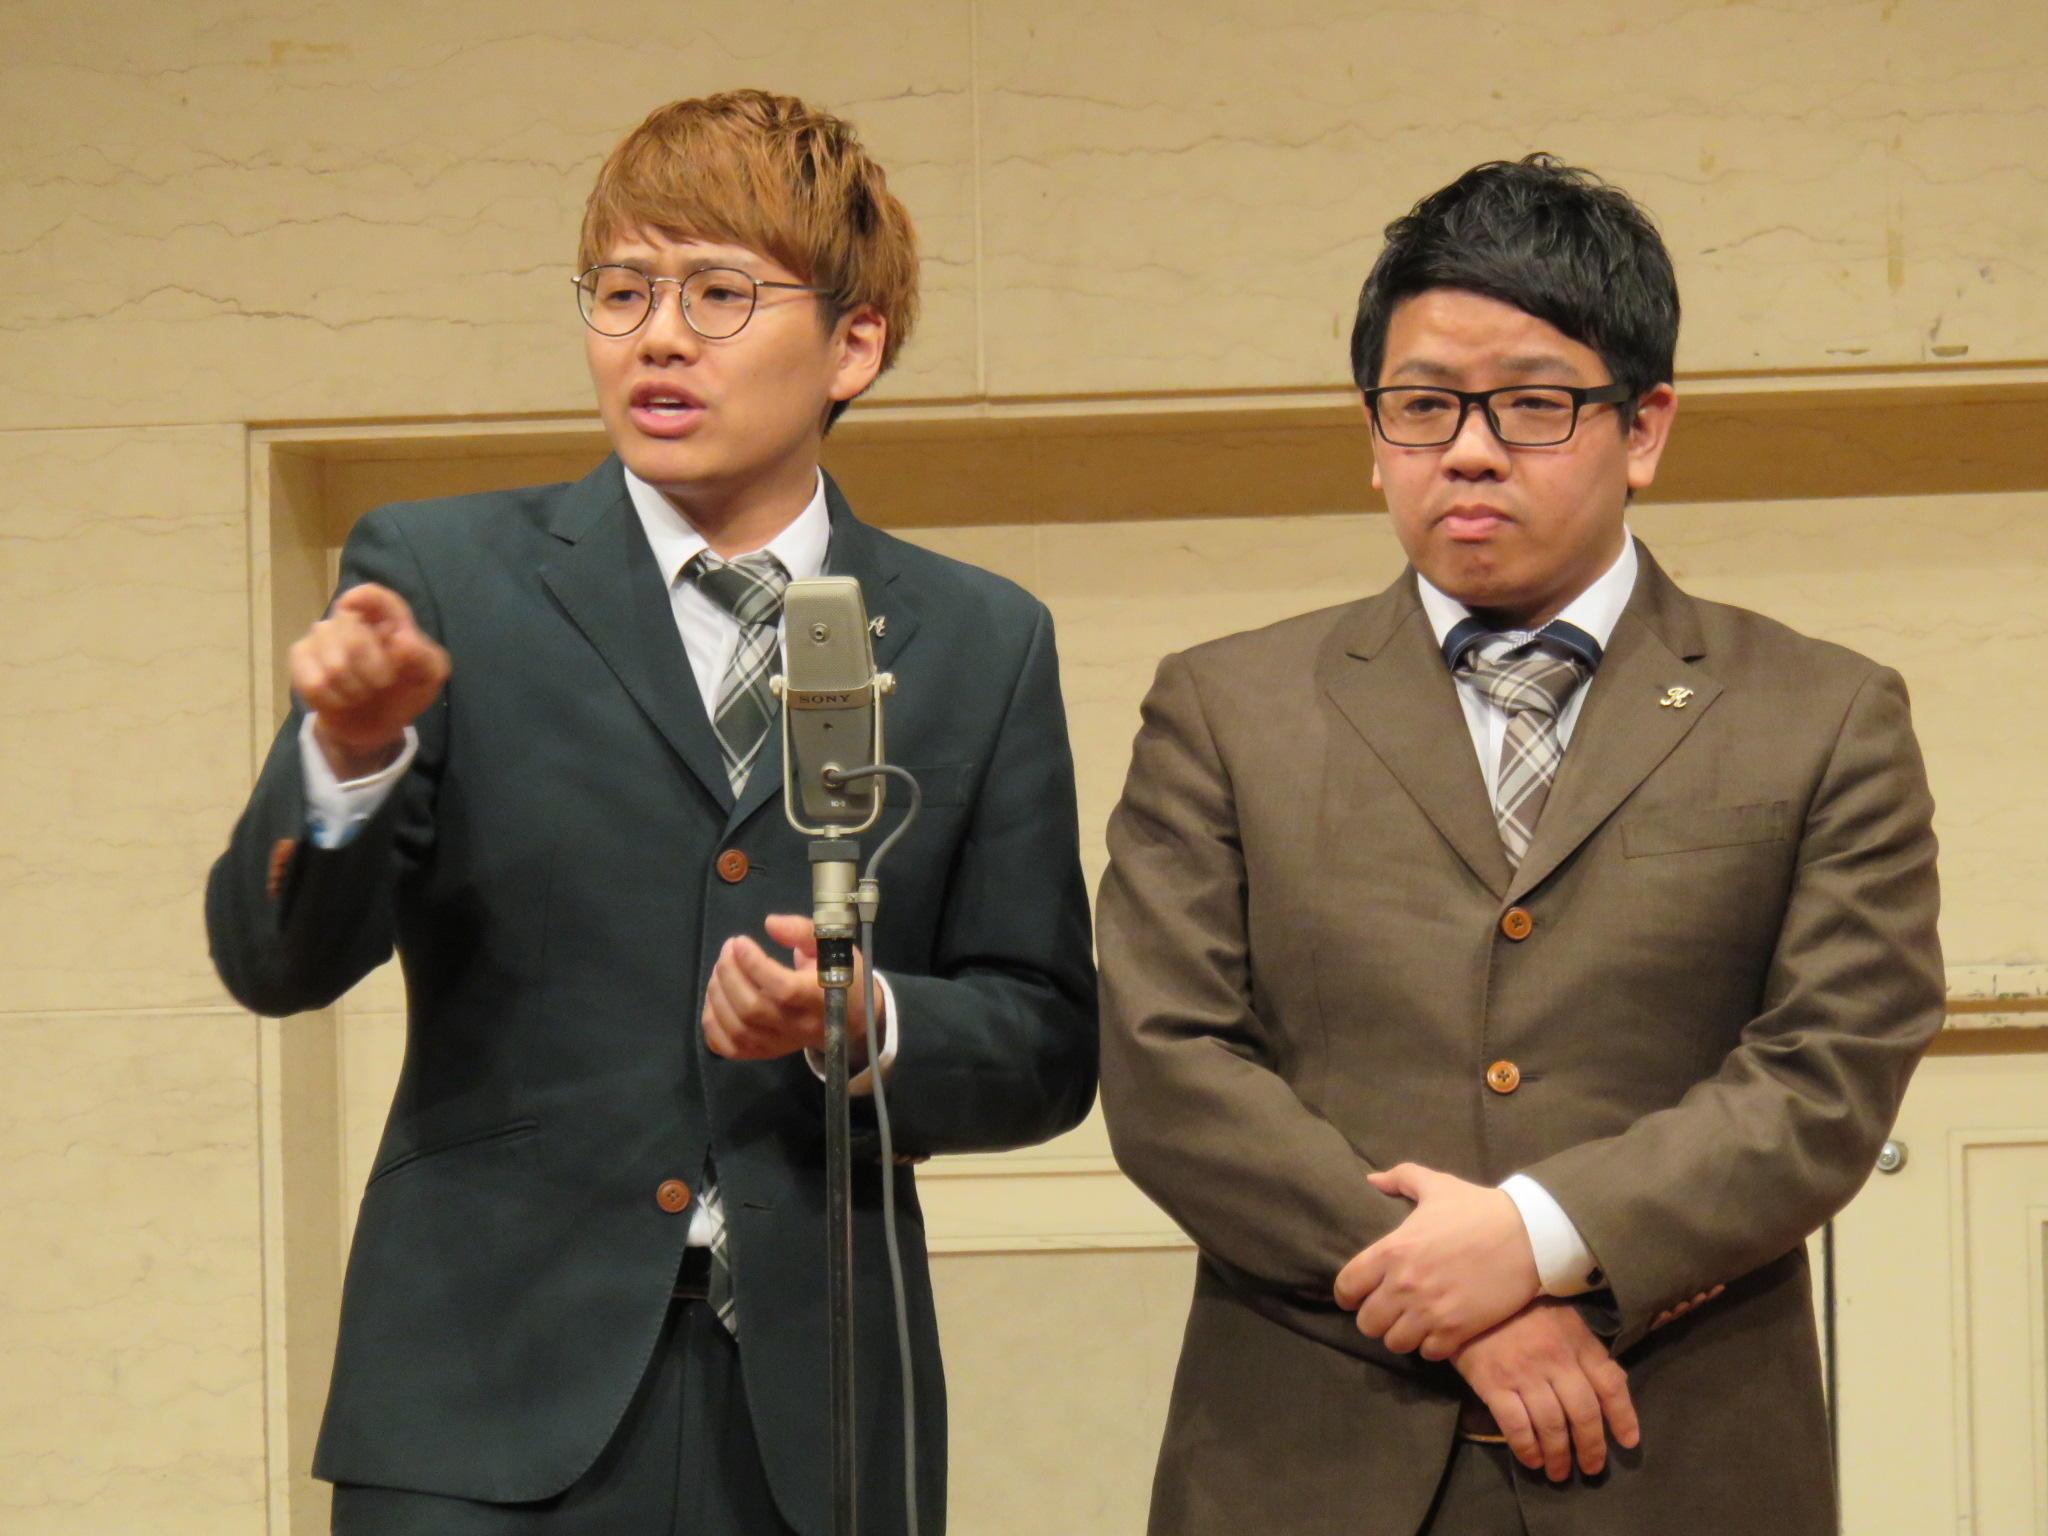 http://news.yoshimoto.co.jp/20170318144048-f89d29b17efd0b3aa9242ccecdd8564dbeb20893.jpg